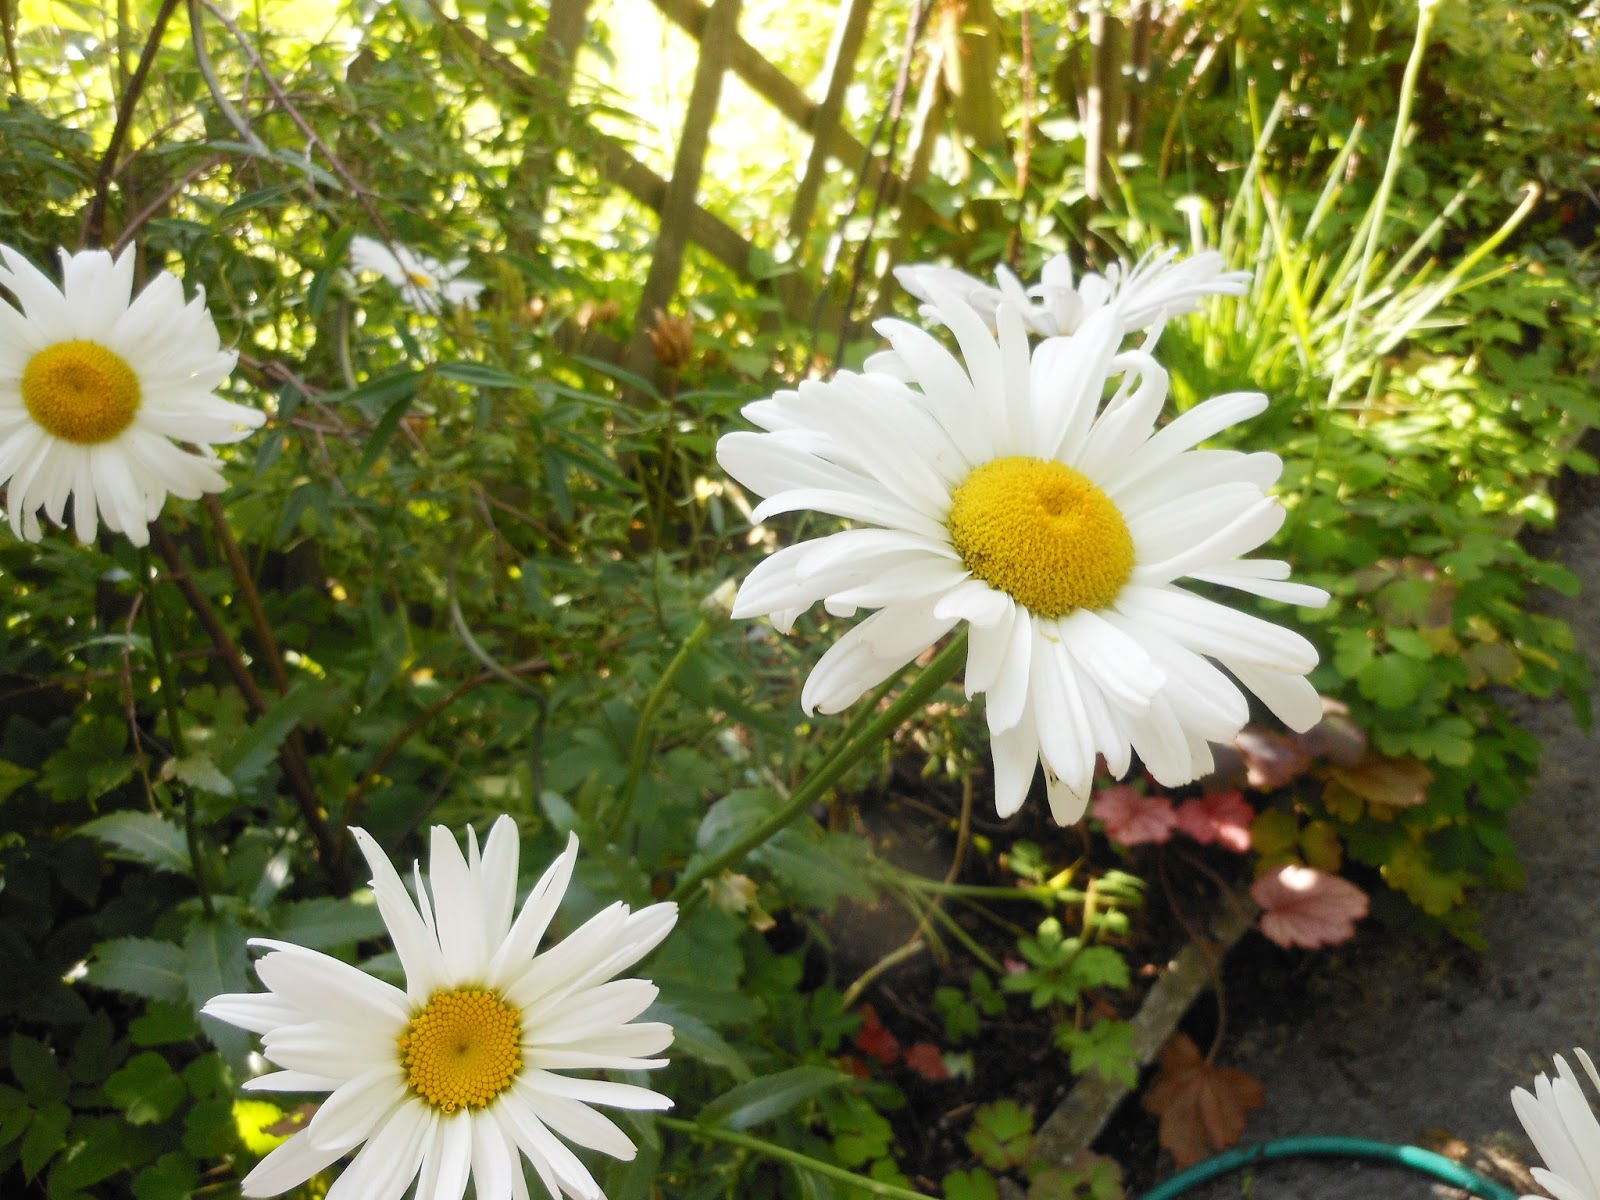 blomma som liknar prästkrage